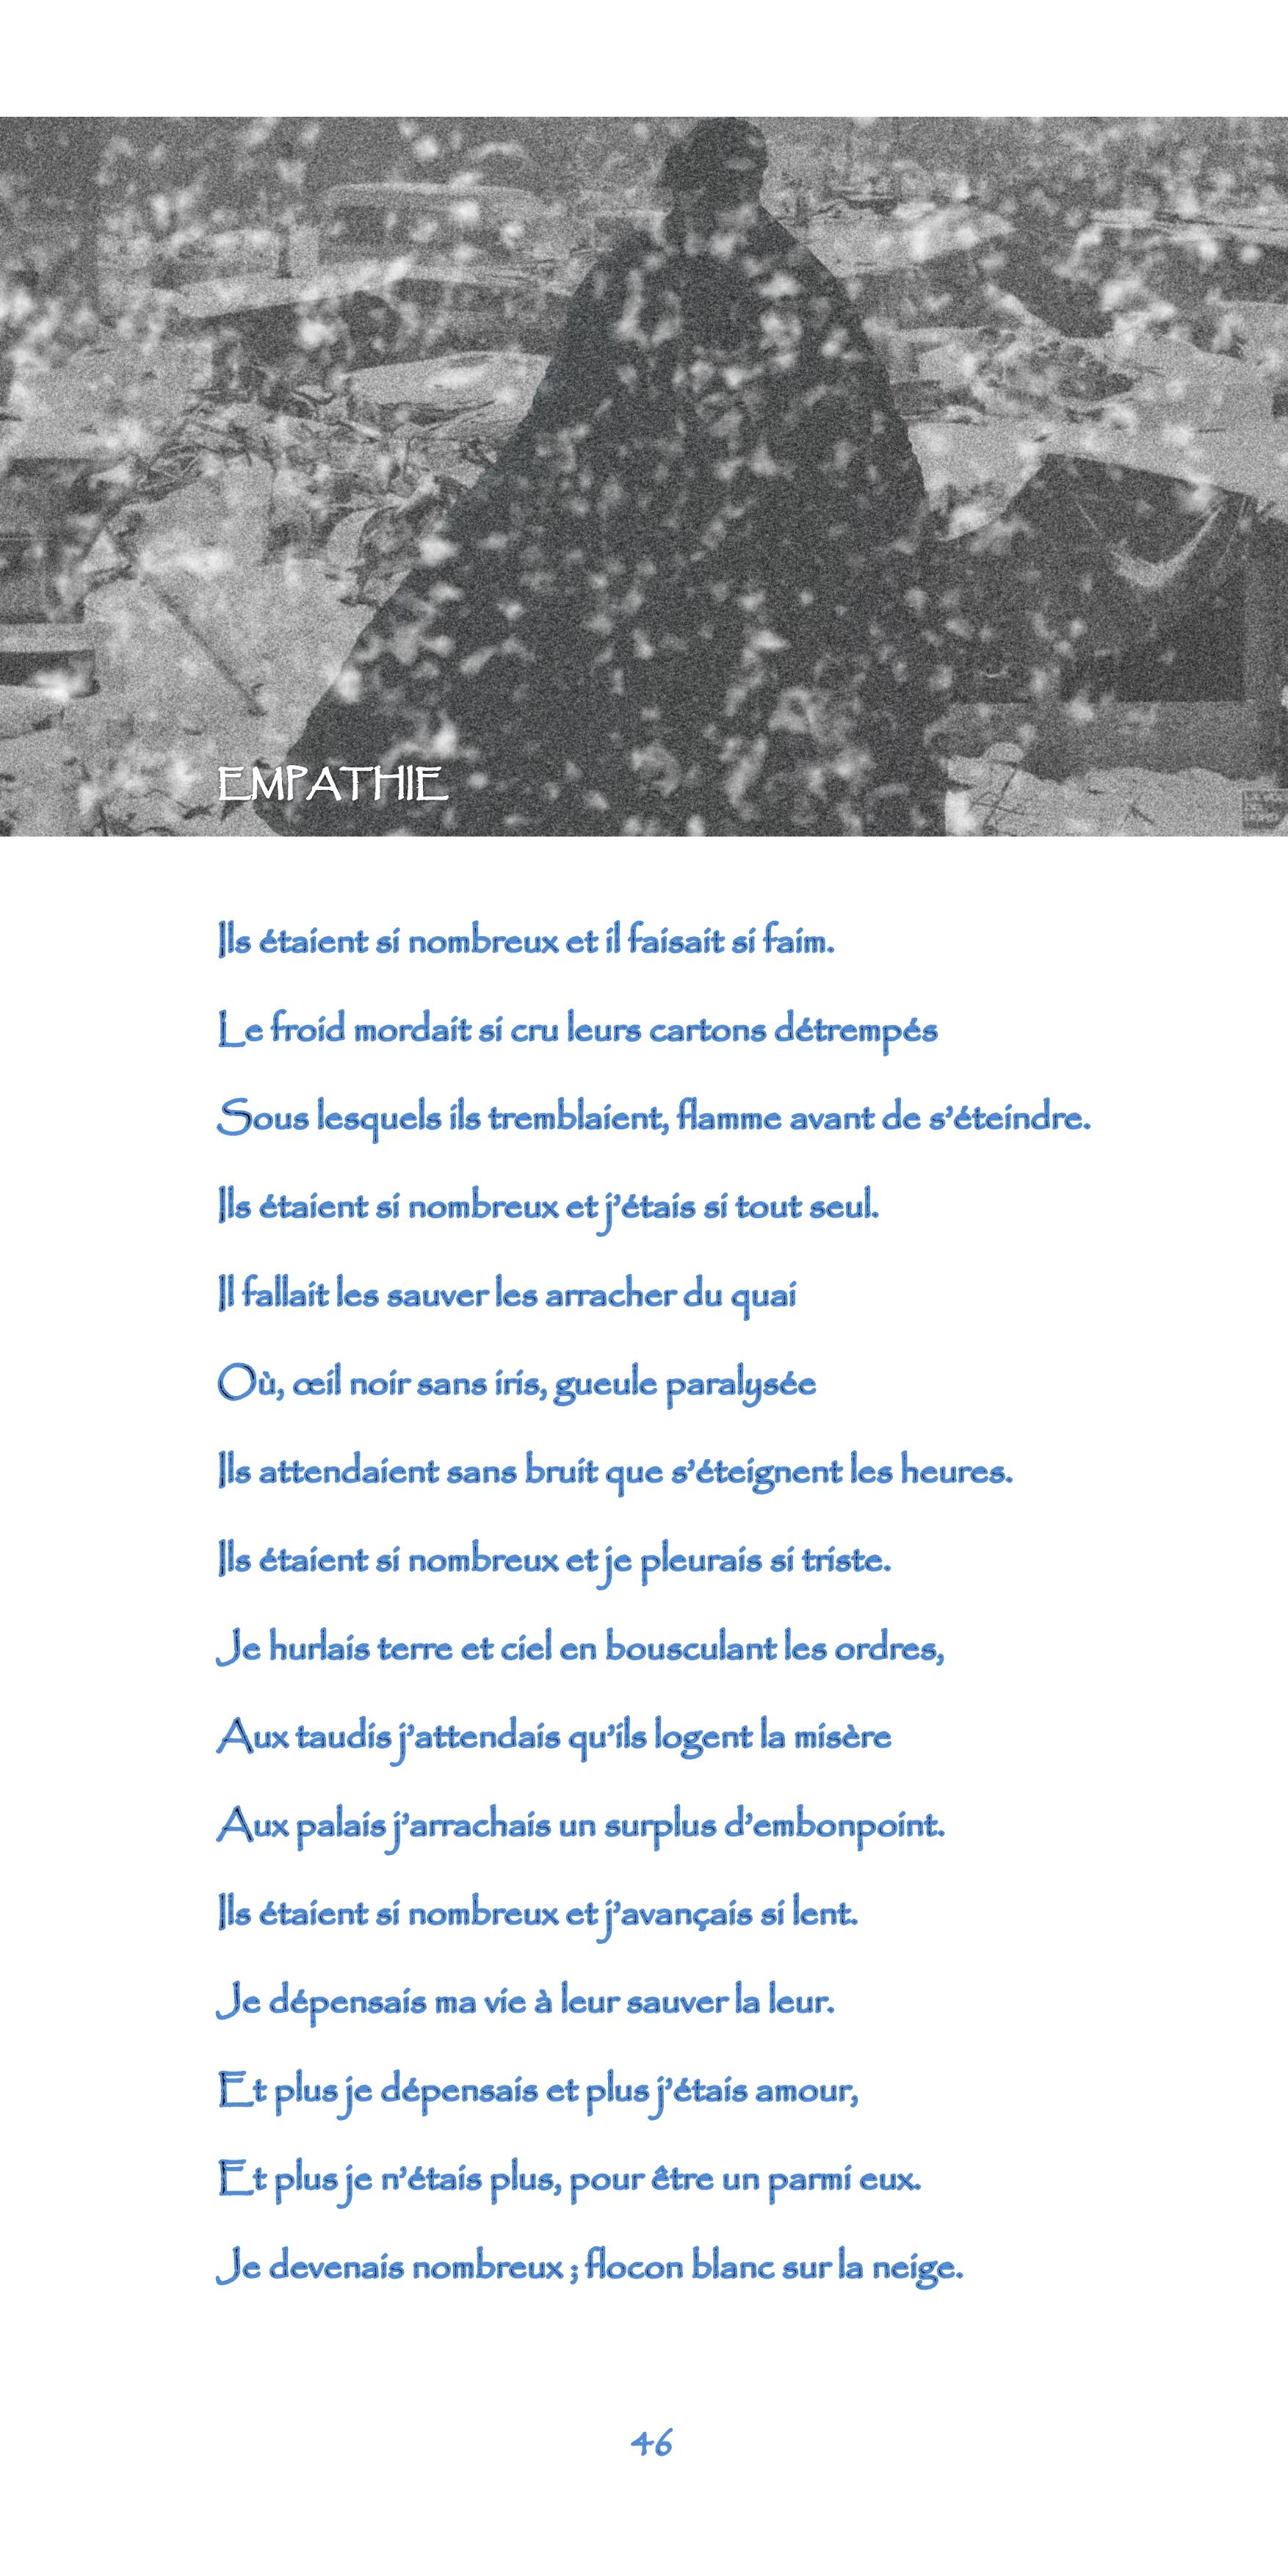 46-nègre_bleu-empathie-le_lit.jpg